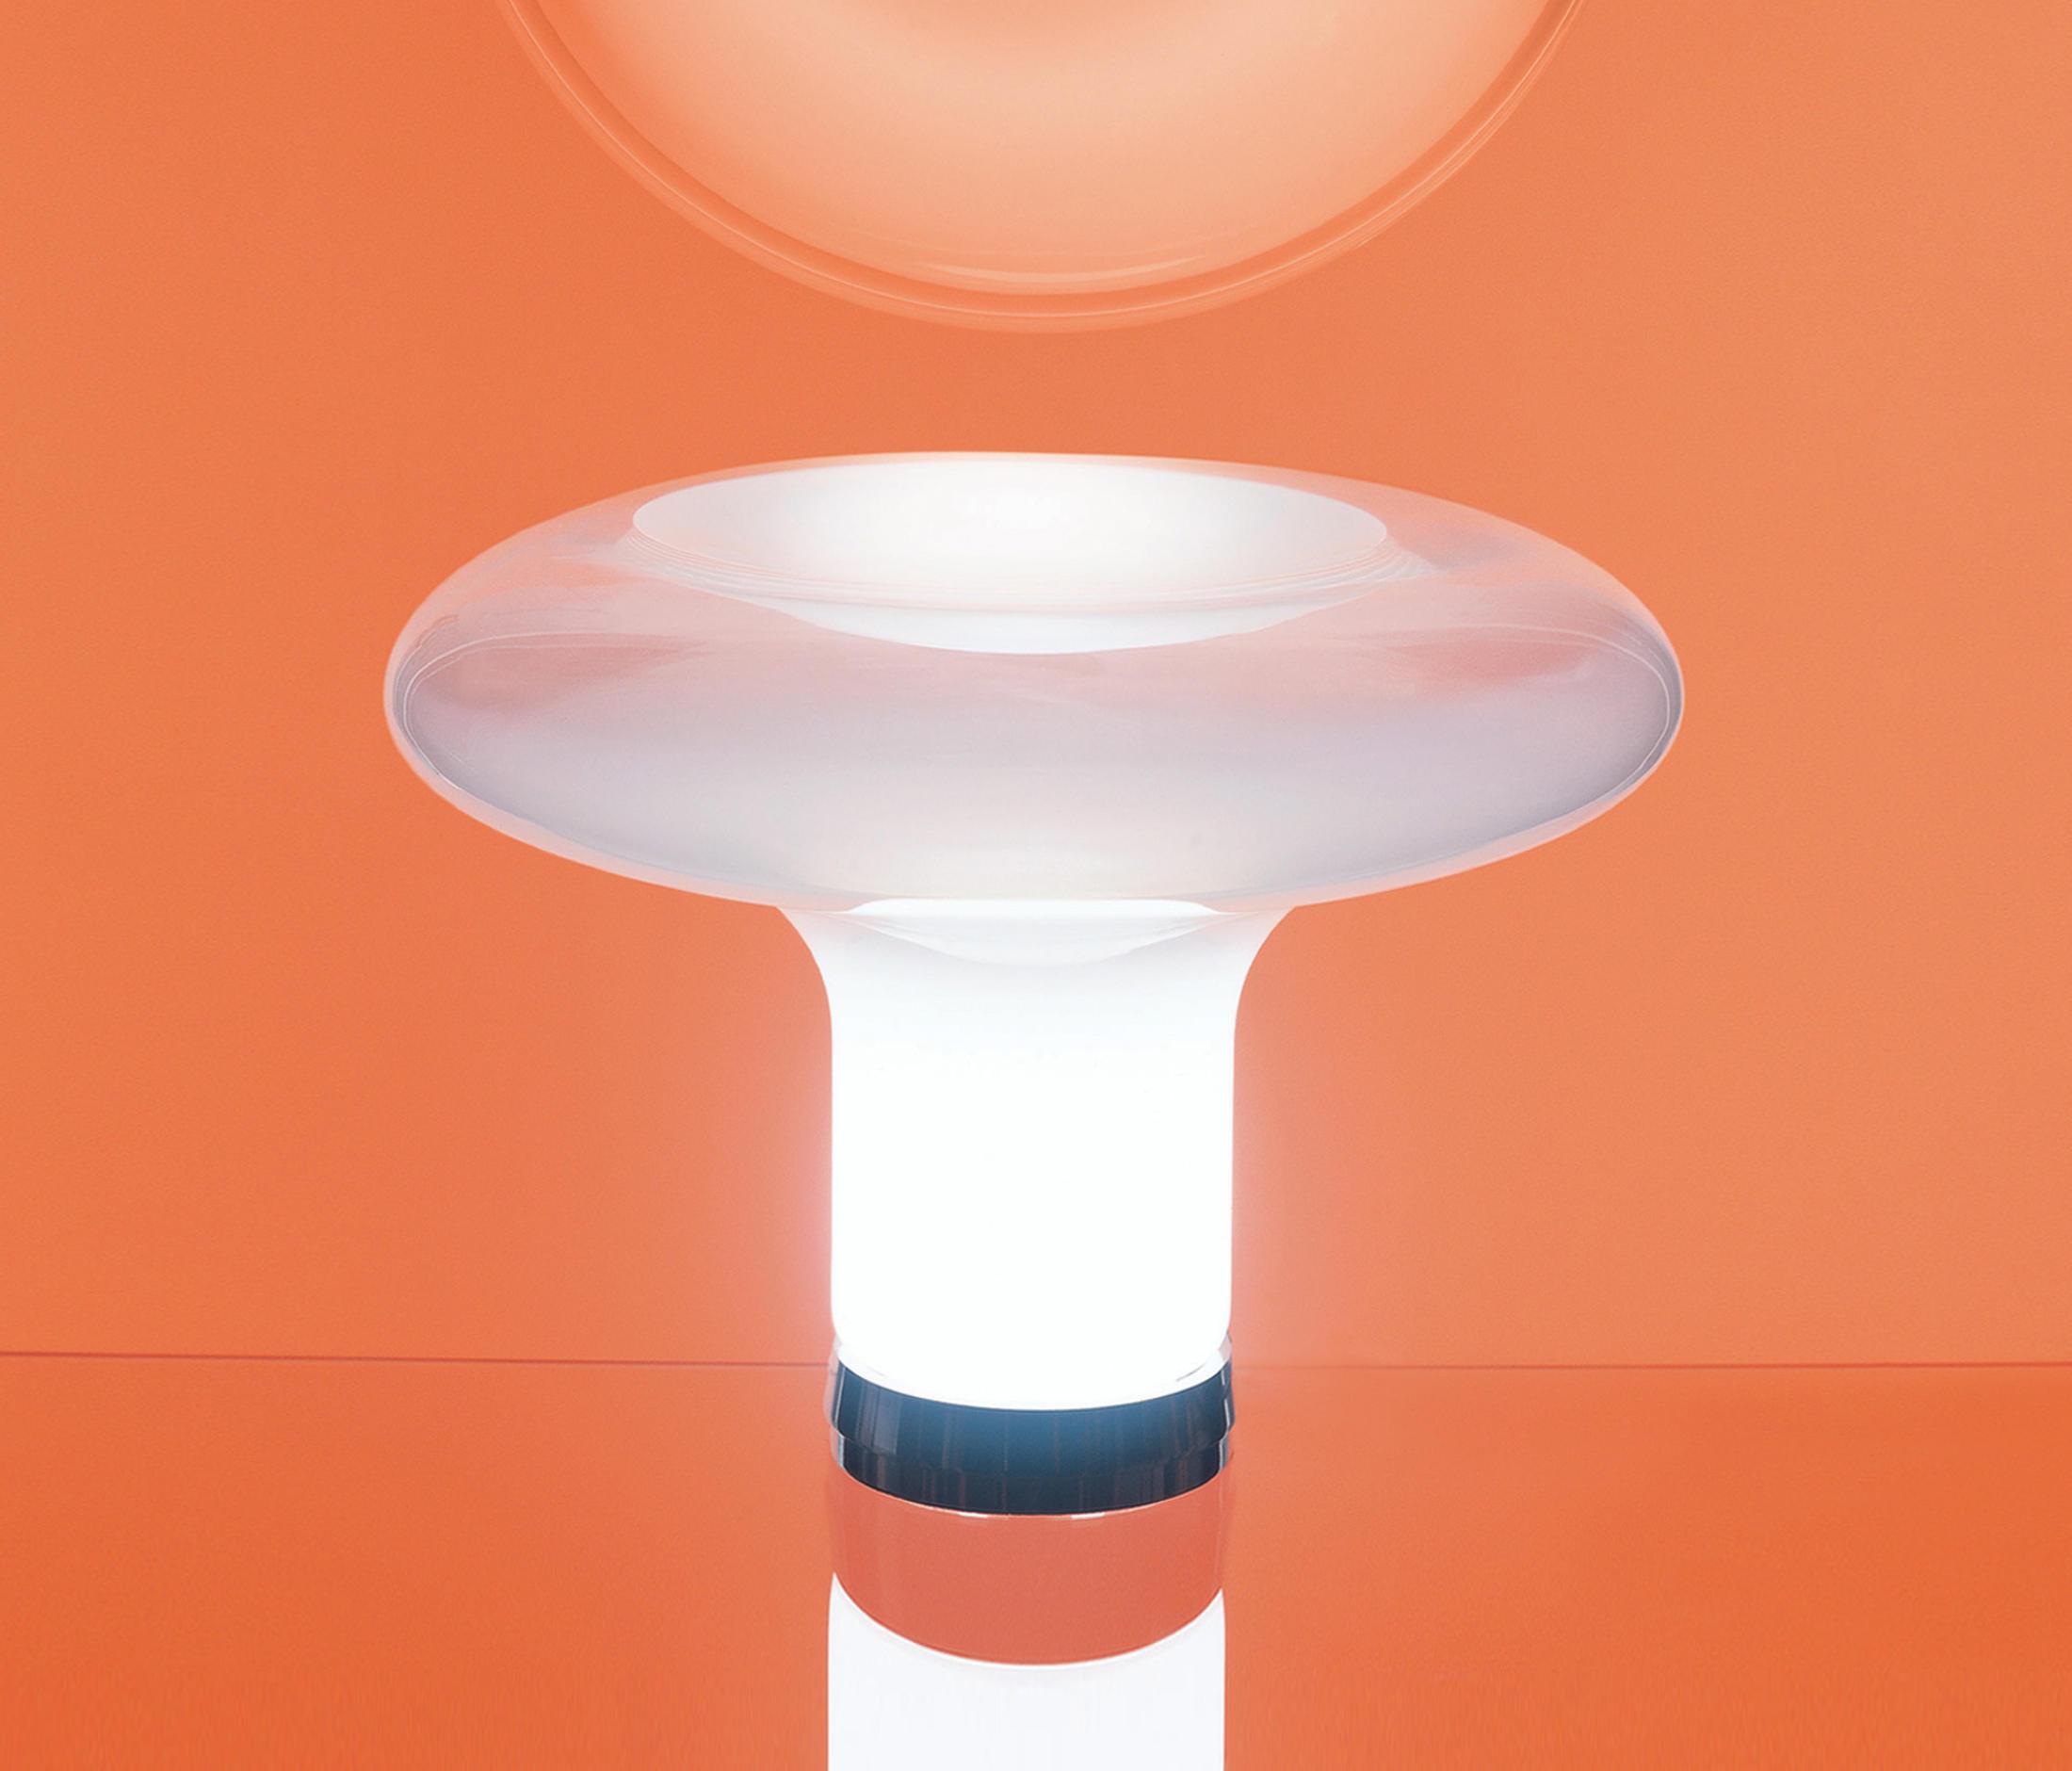 Lesbo lampade da tavolo illuminazione generale artemide - Lampade da tavolo in plexiglass ...